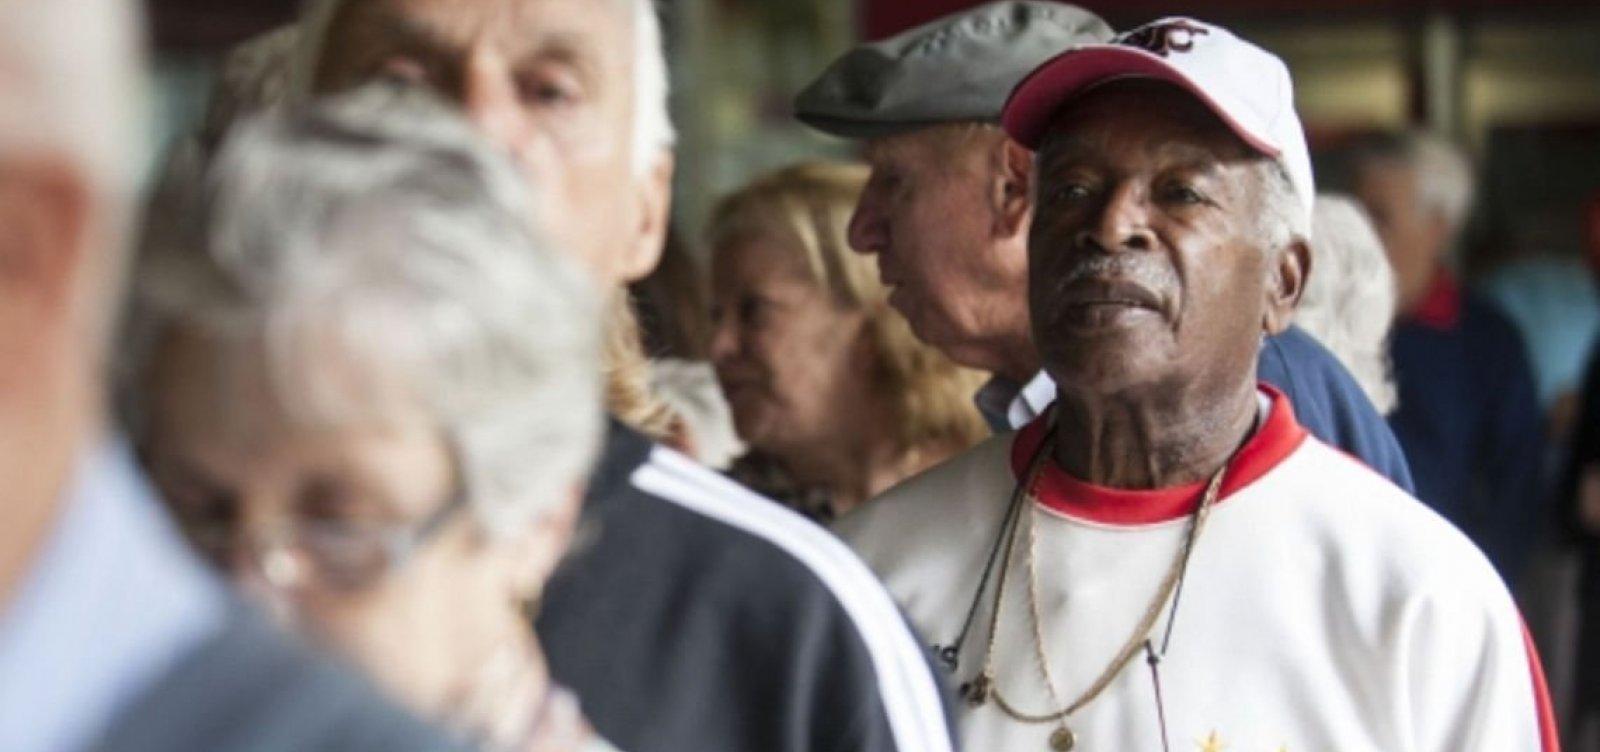 [Expectativa de vida cresce na Bahia e chega a quase 74 anos, diz IBGE]